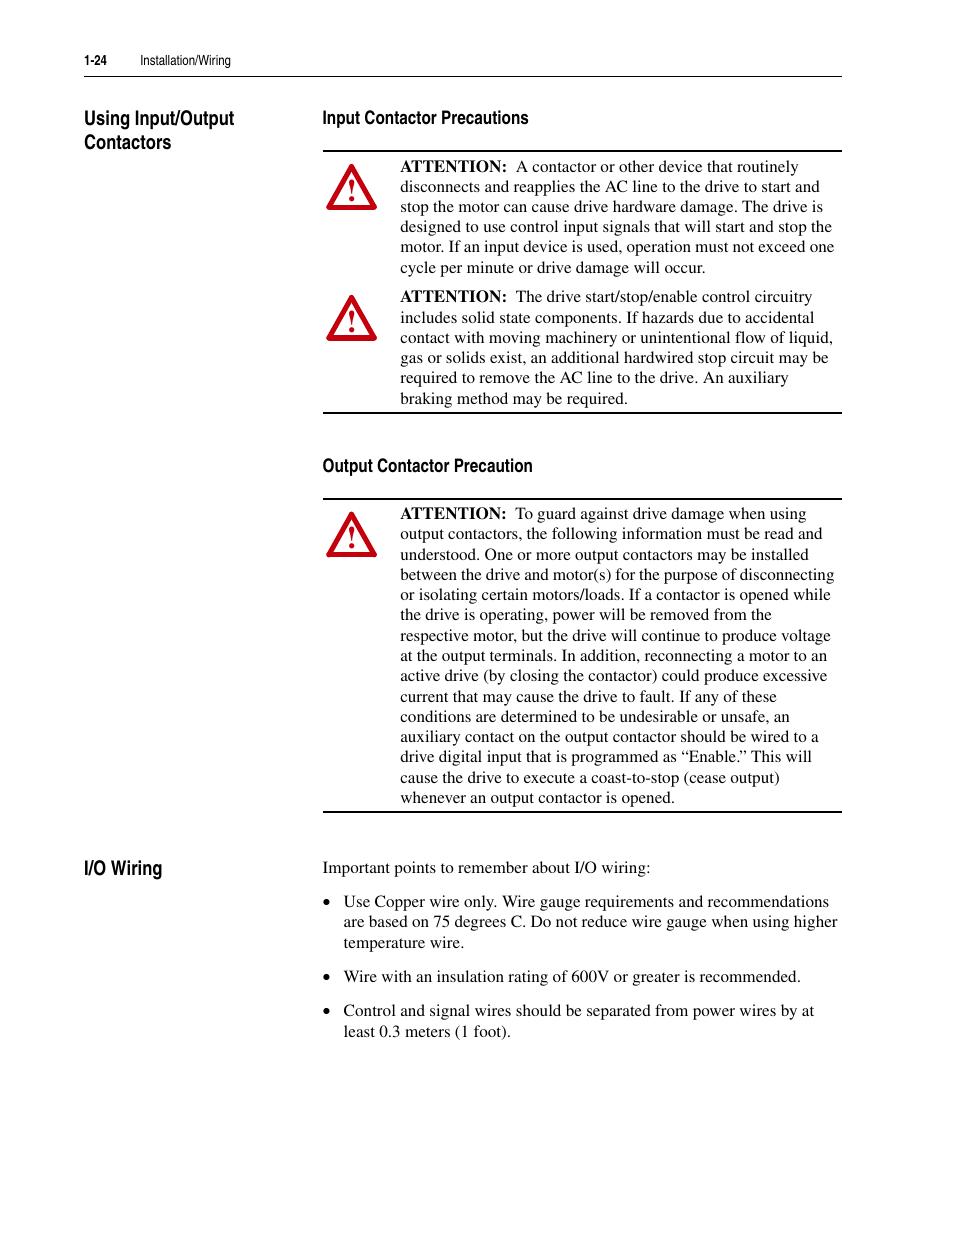 Using input/output contactors, Input contactor precautions, Output ...